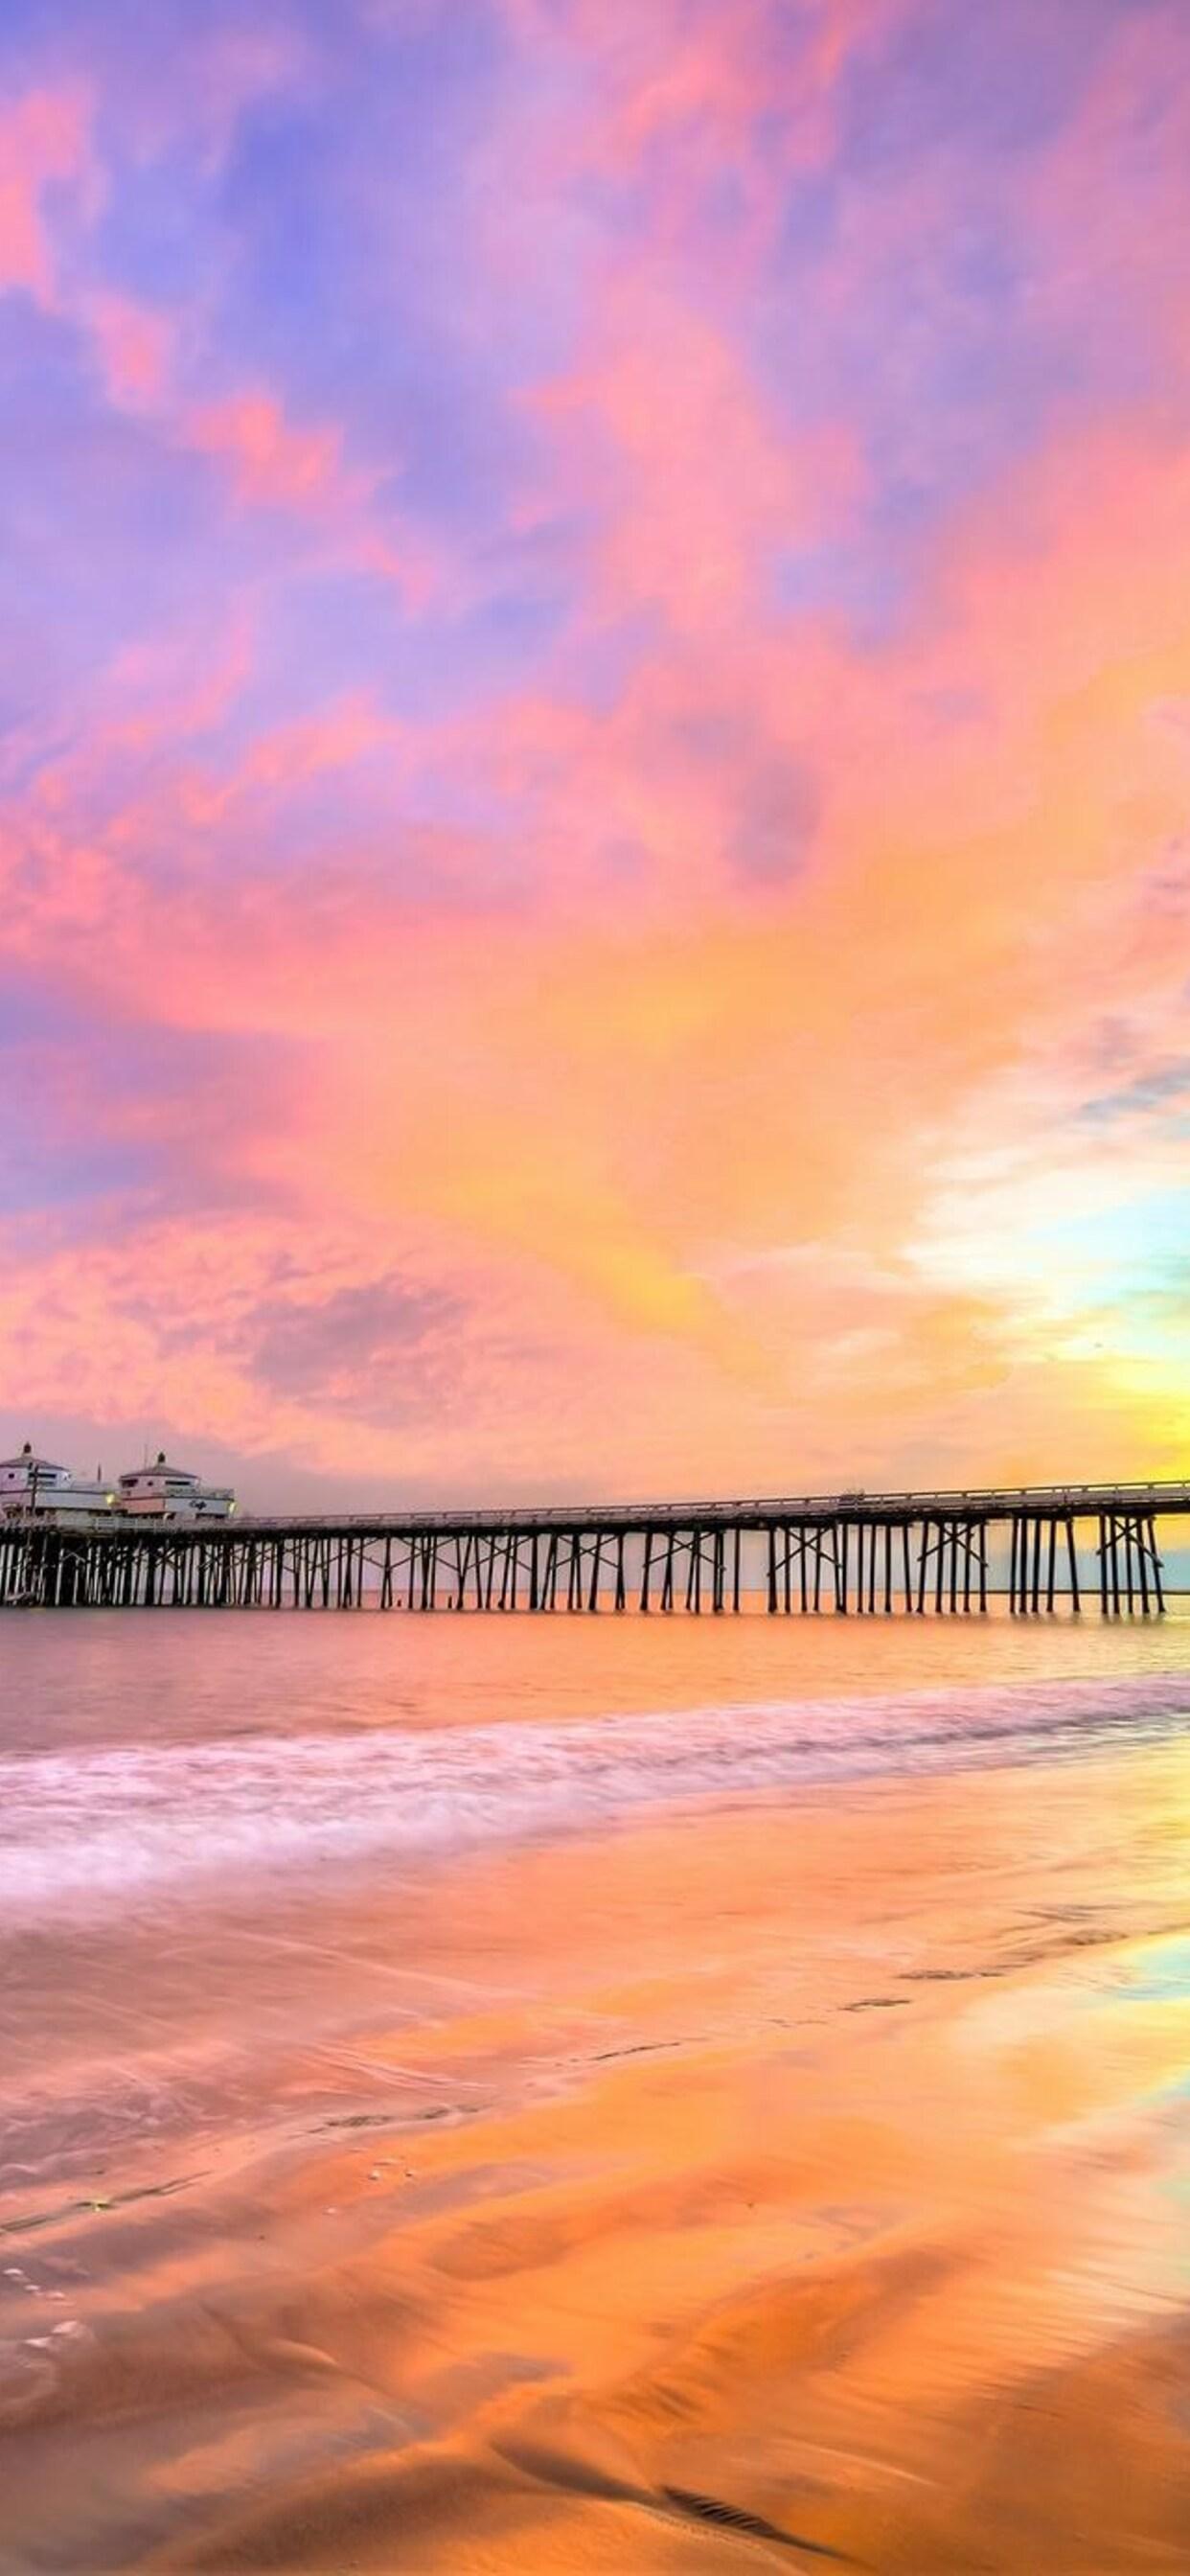 1242x2688 Pier Beach California Iphone Xs Max Hd 4k